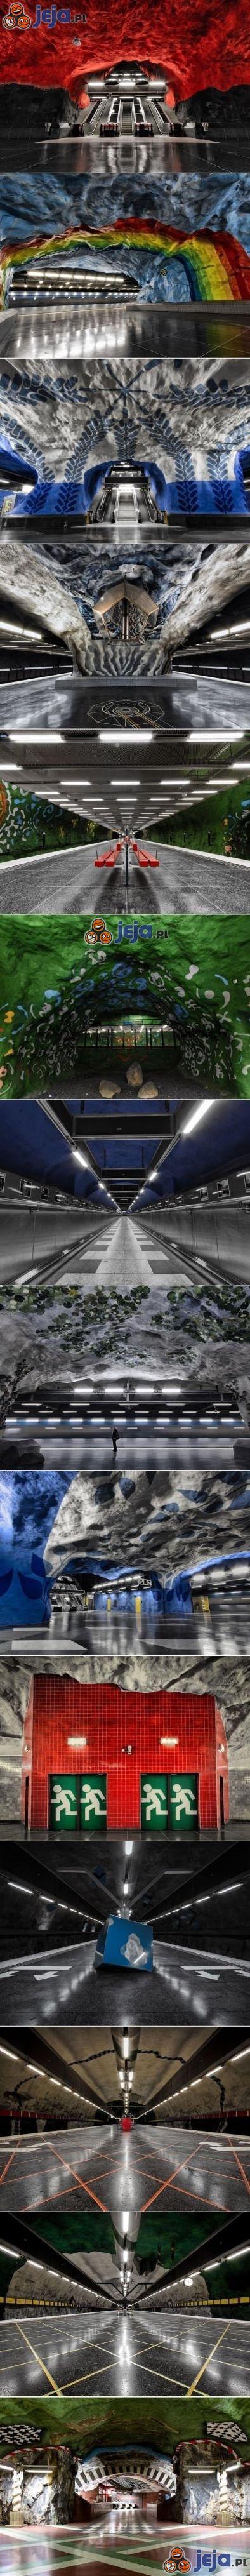 Metro w Sztokholmie